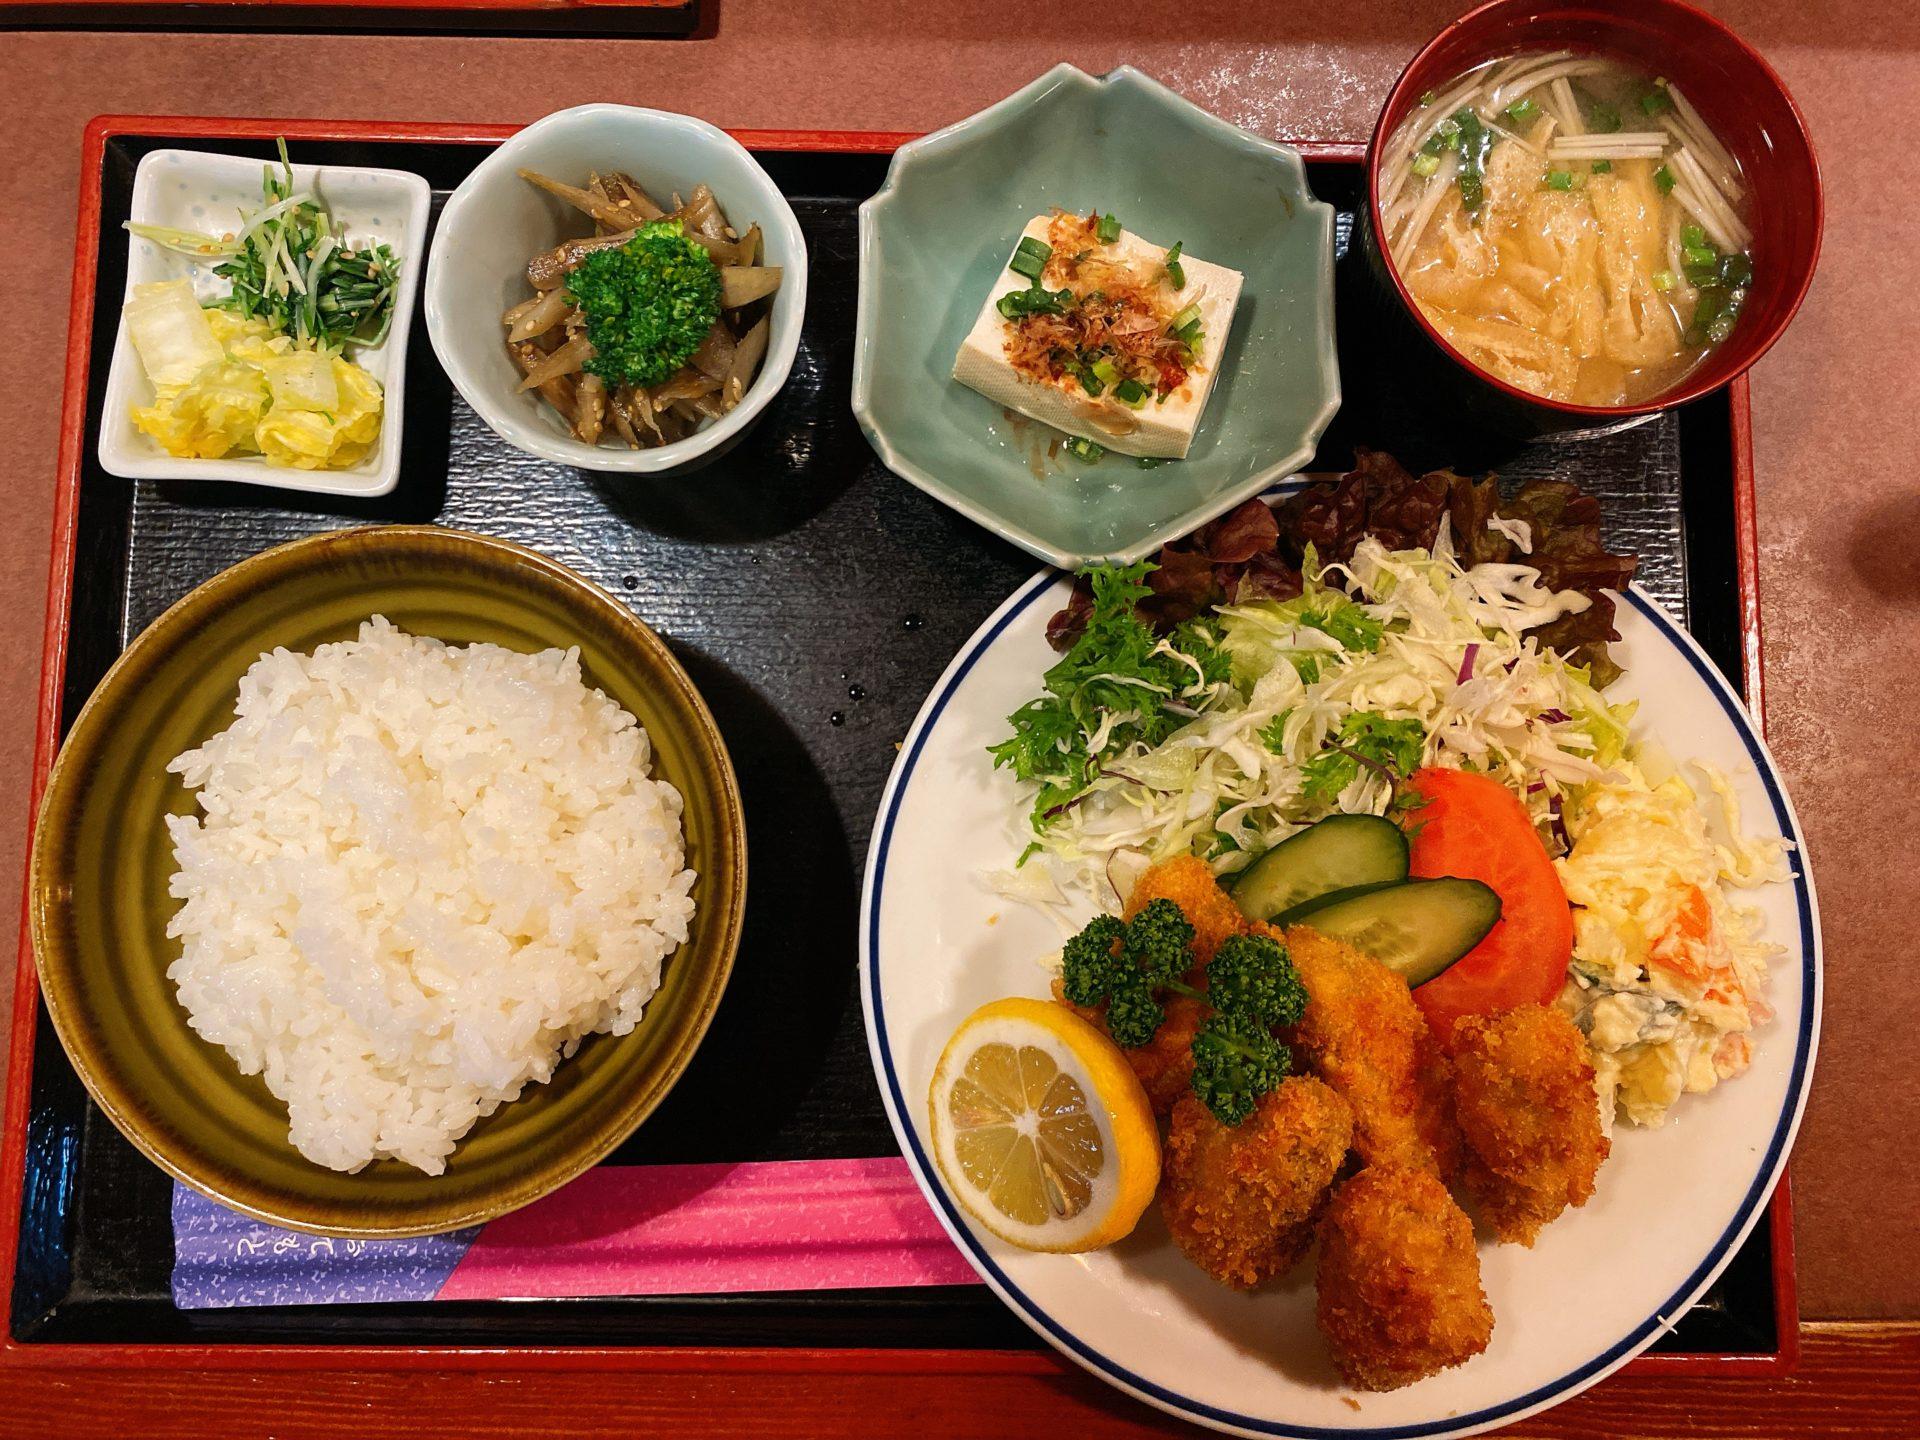 邑久駅から車で2分 居酒屋 彩肴(さき)でカキフライ定食を頂くも、黒豚トンカツ他9種類のランチは毎日通いたくなる